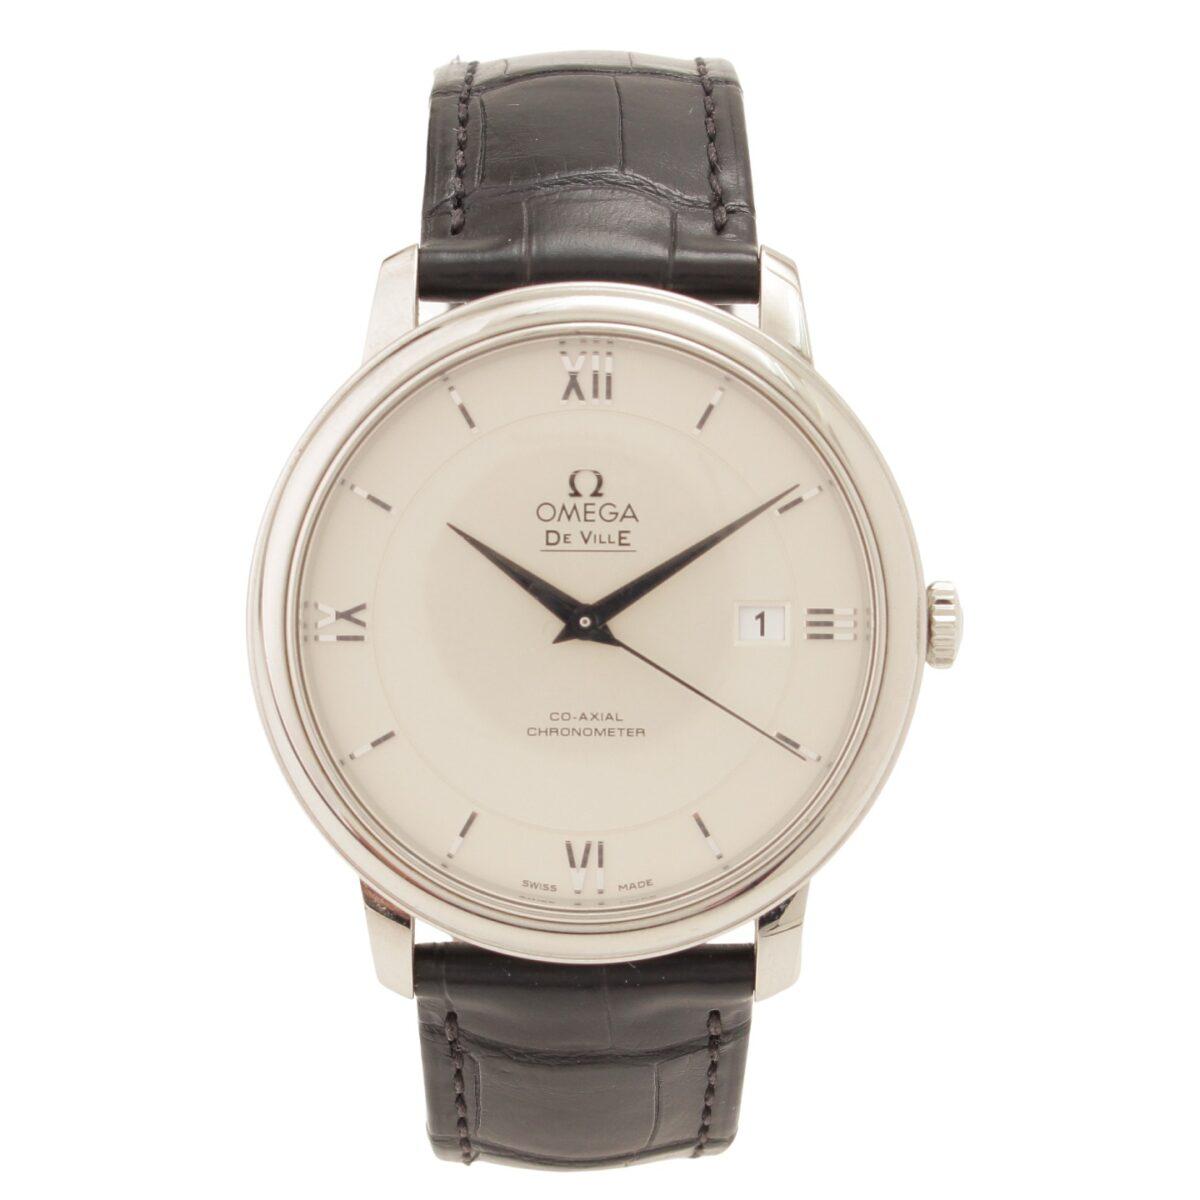 オメガ デヴィル プレステージ シルバー文字盤 腕時計 424.13.40.20.02.001